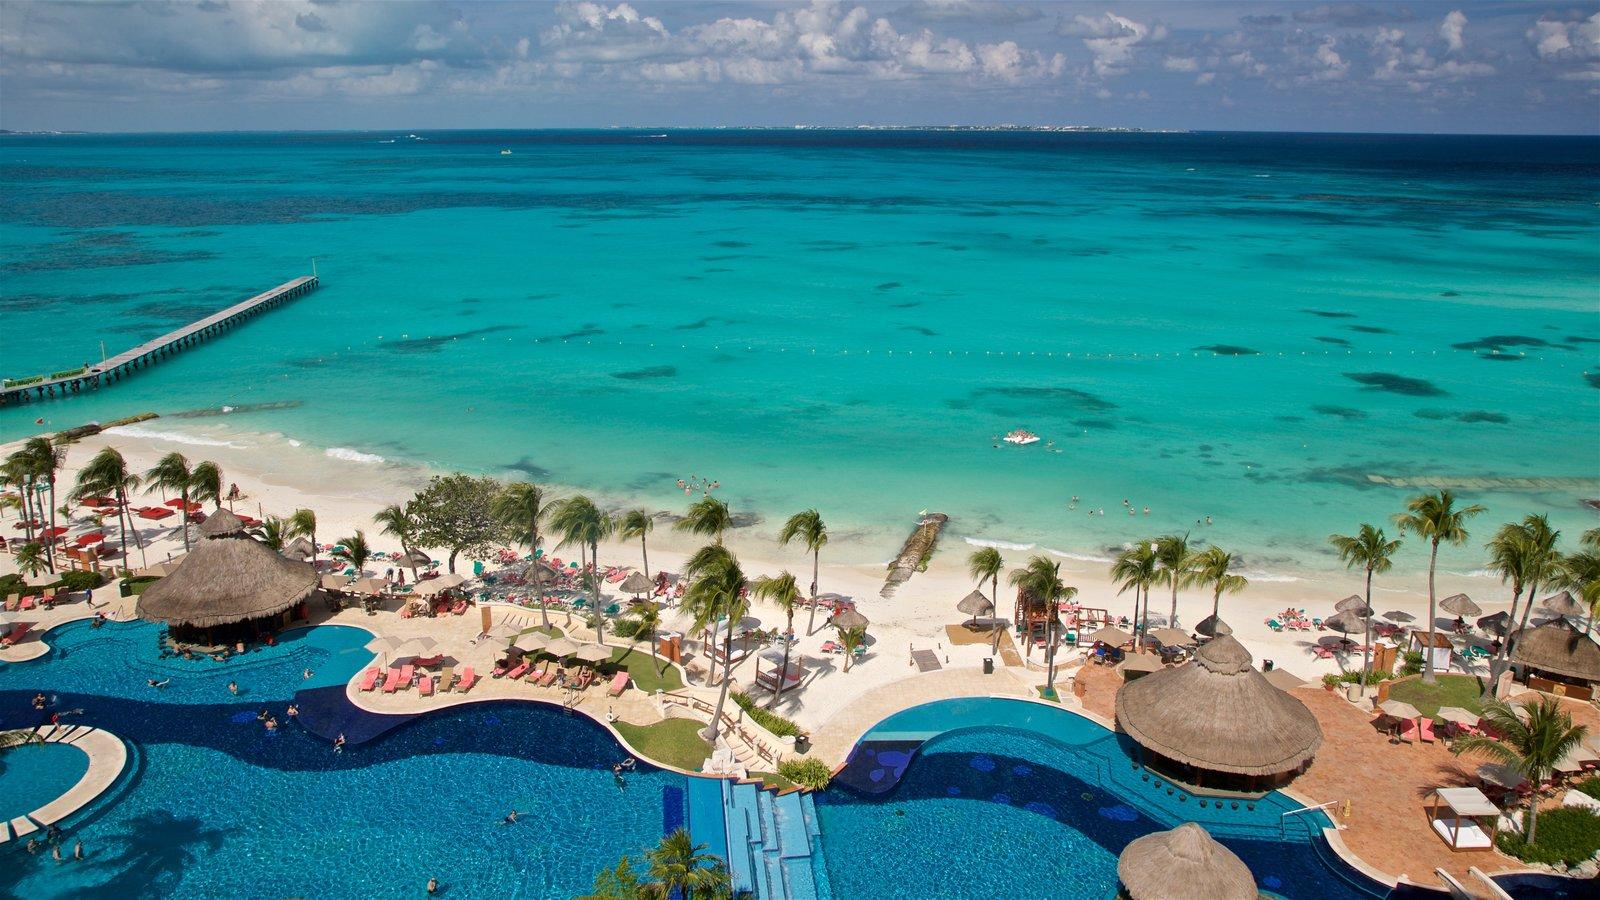 Cancún que incluye escenas tropicales, una playa y vistas generales de la costa